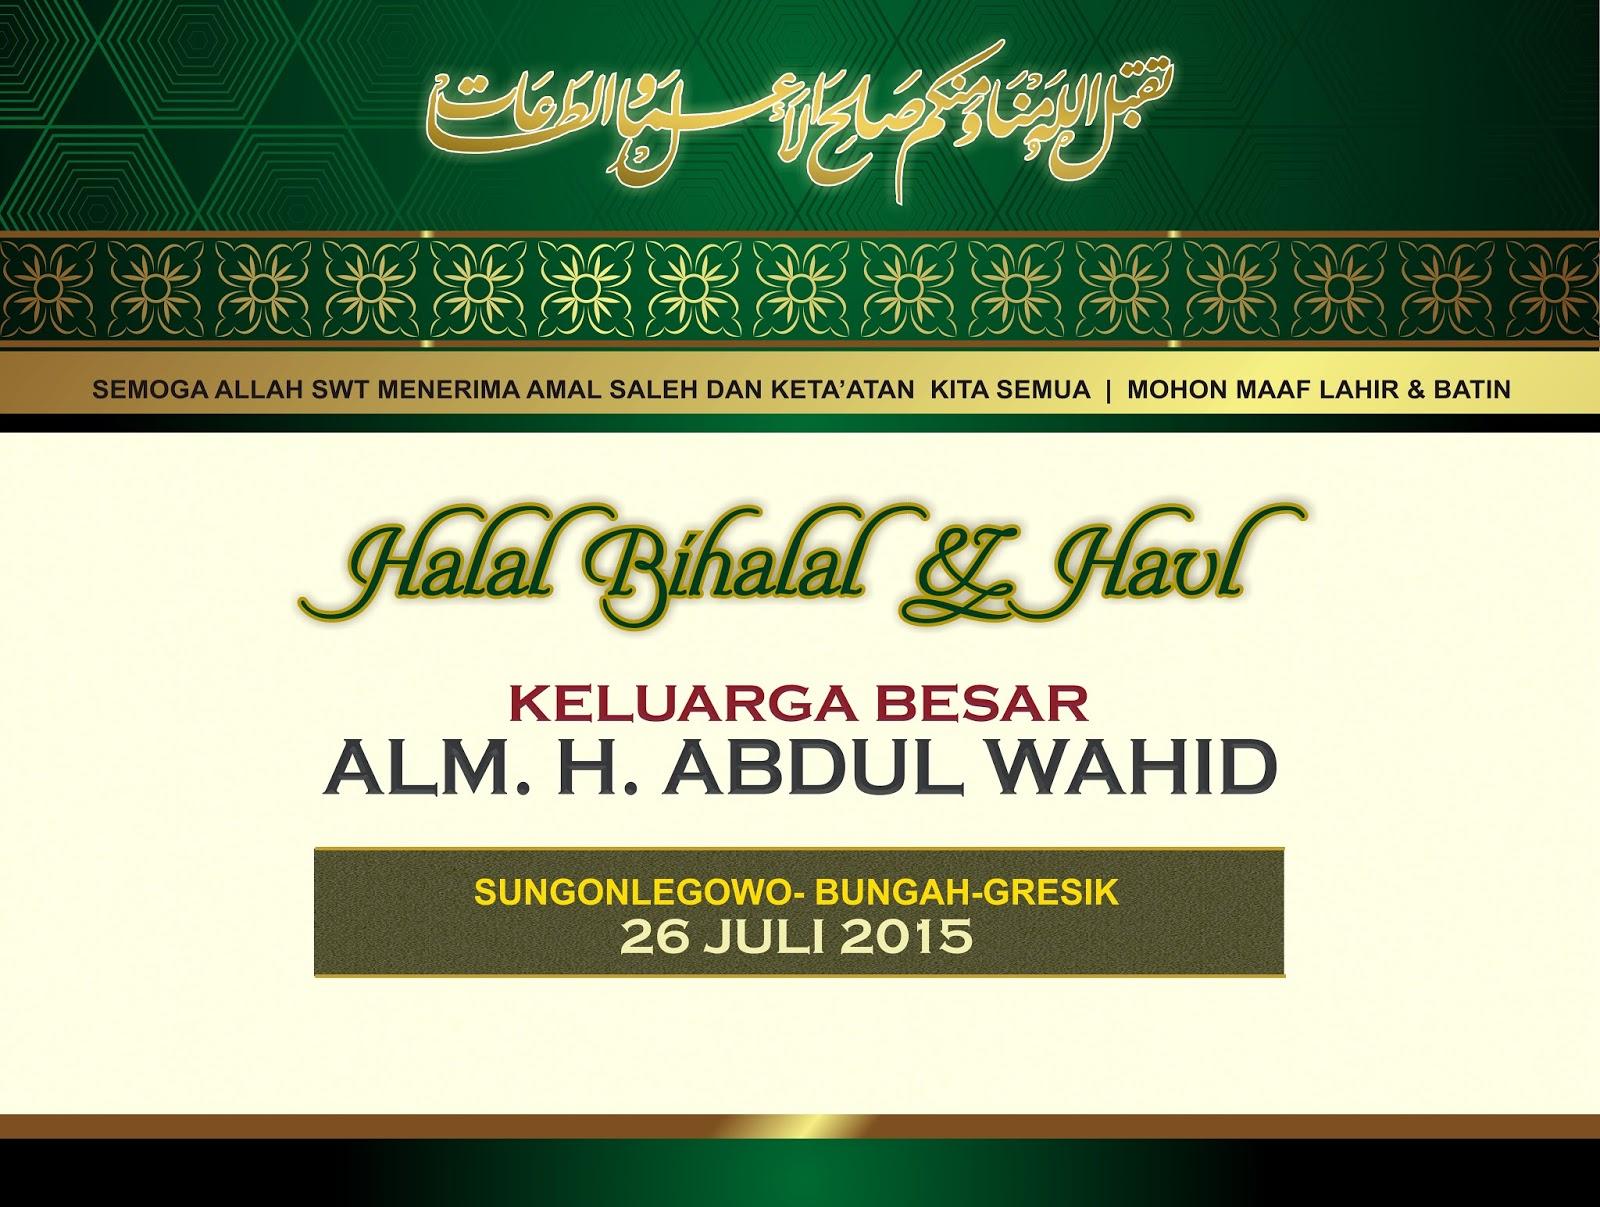 5 Contoh Banner Halal Bihalal Yang Menarik Contoh Banner